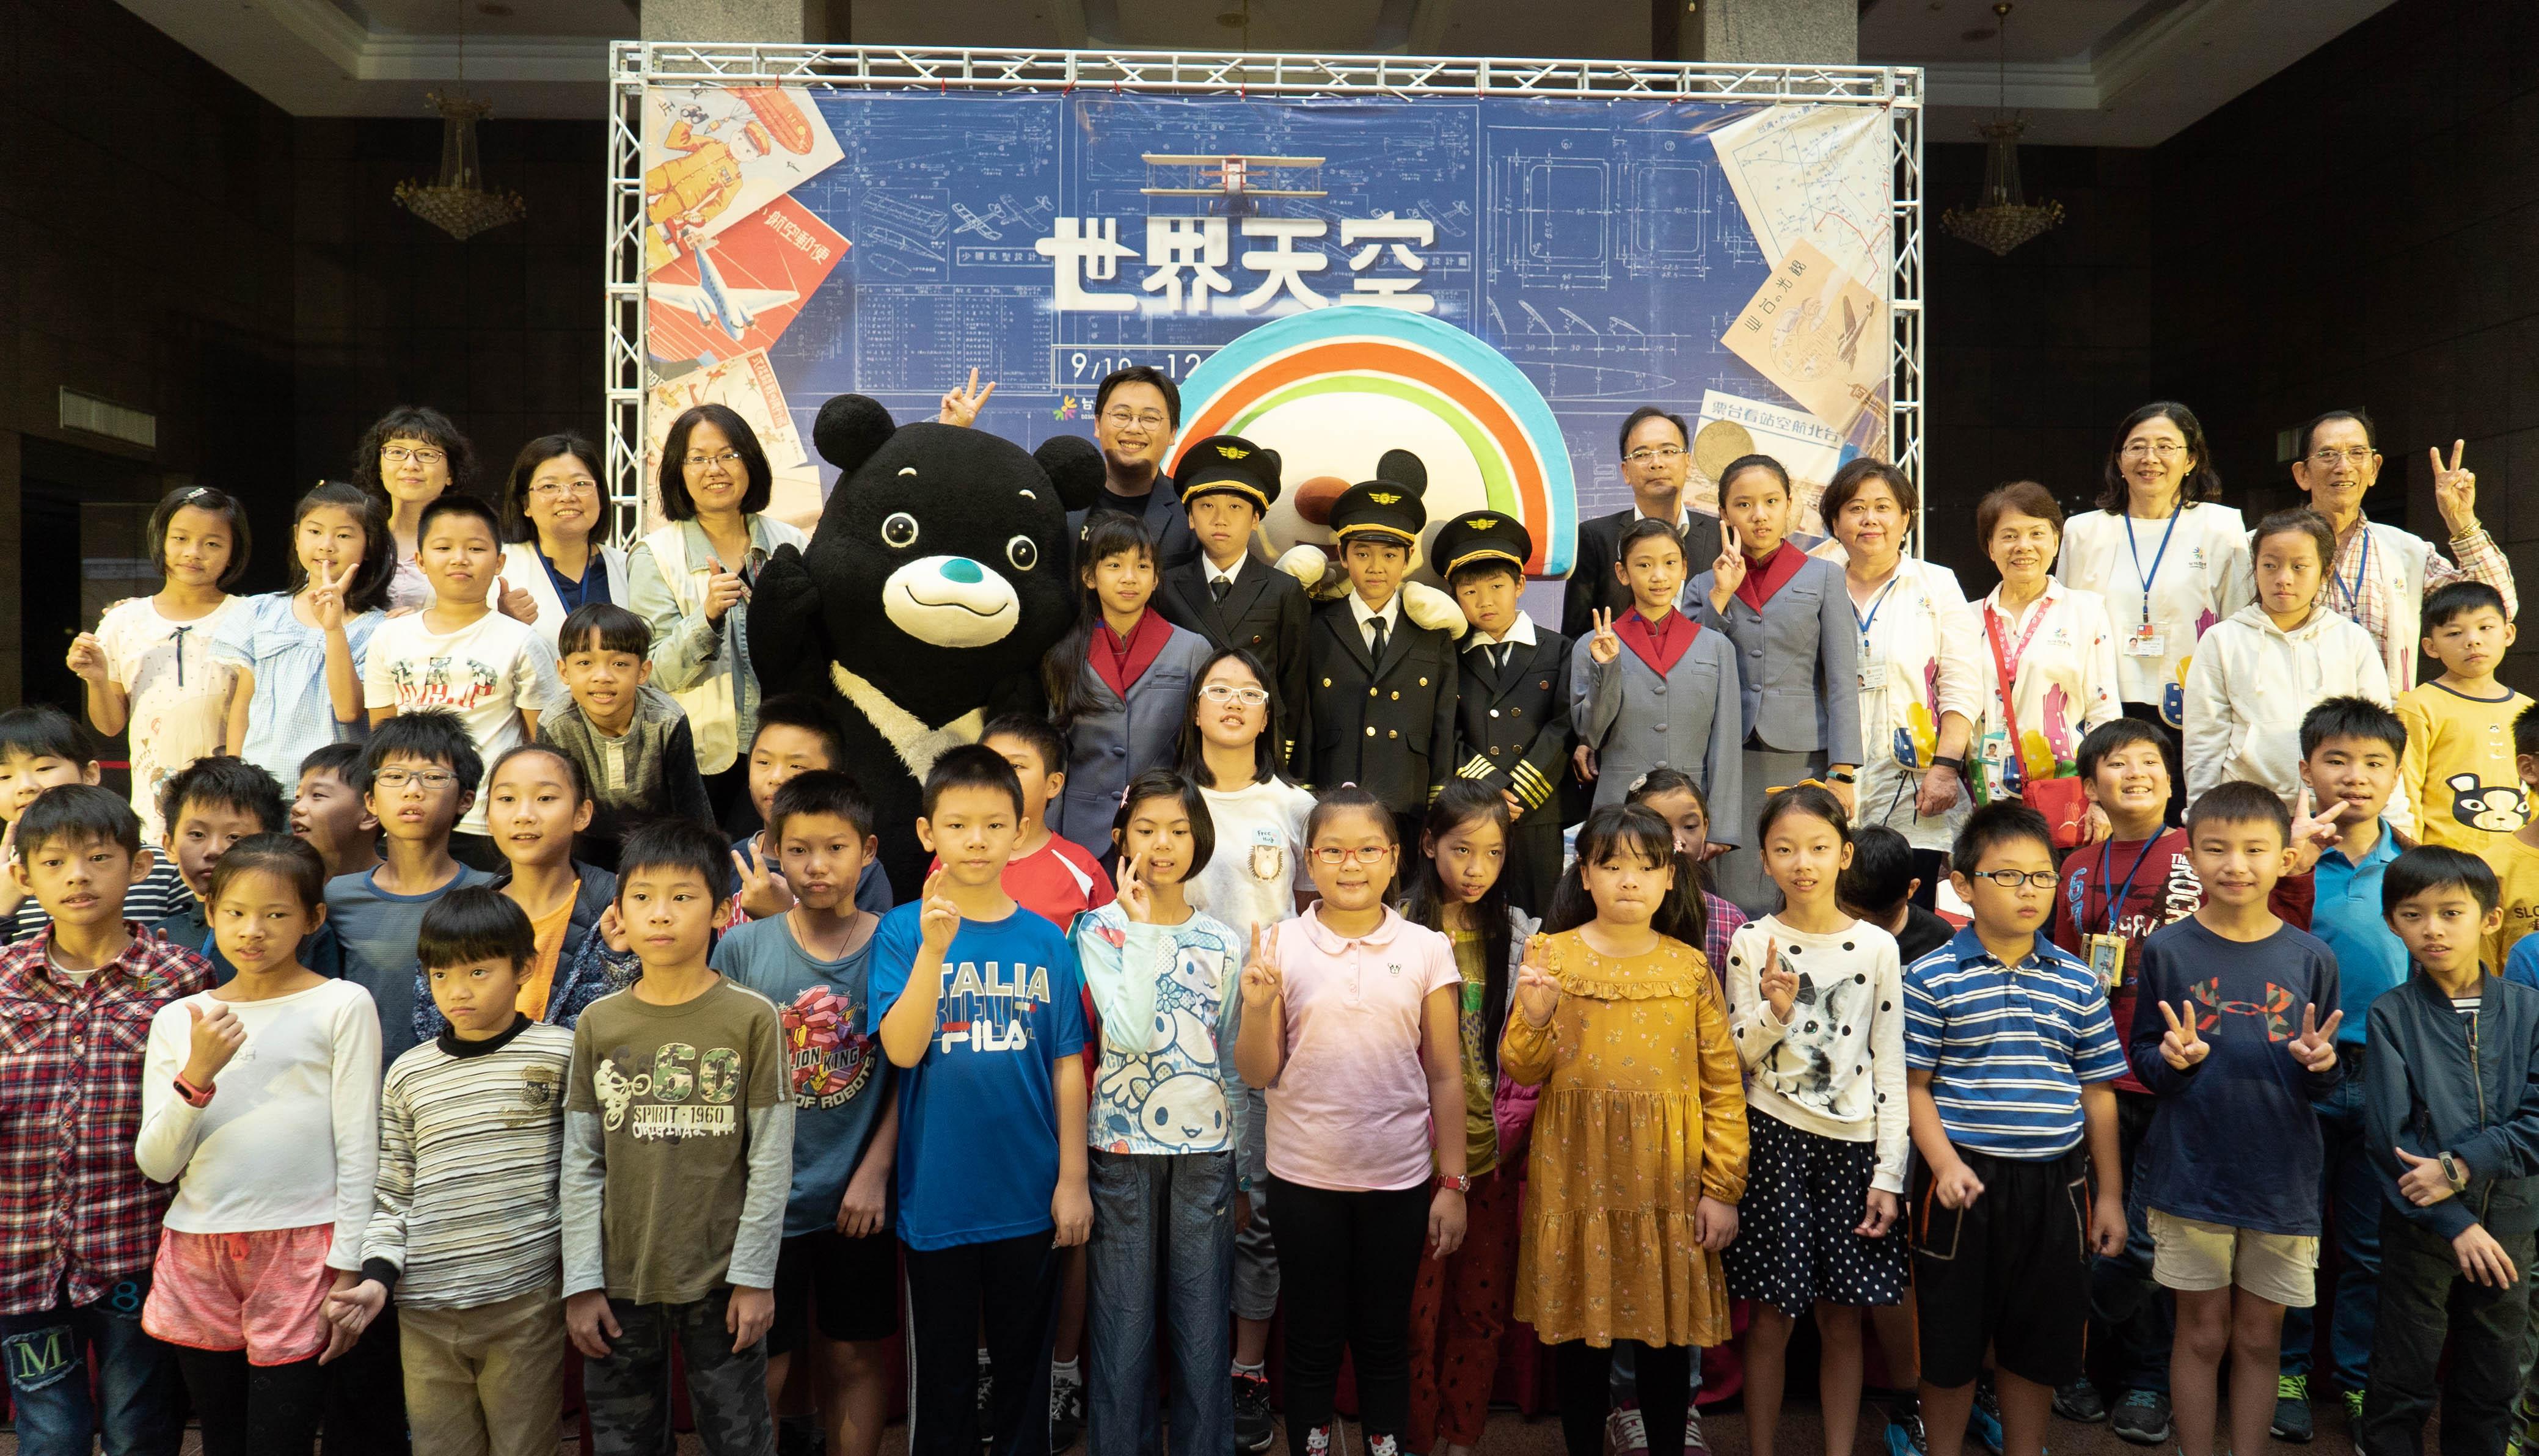 108年度台北探索館「世界天空臺北」小志工研習營圓滿結束